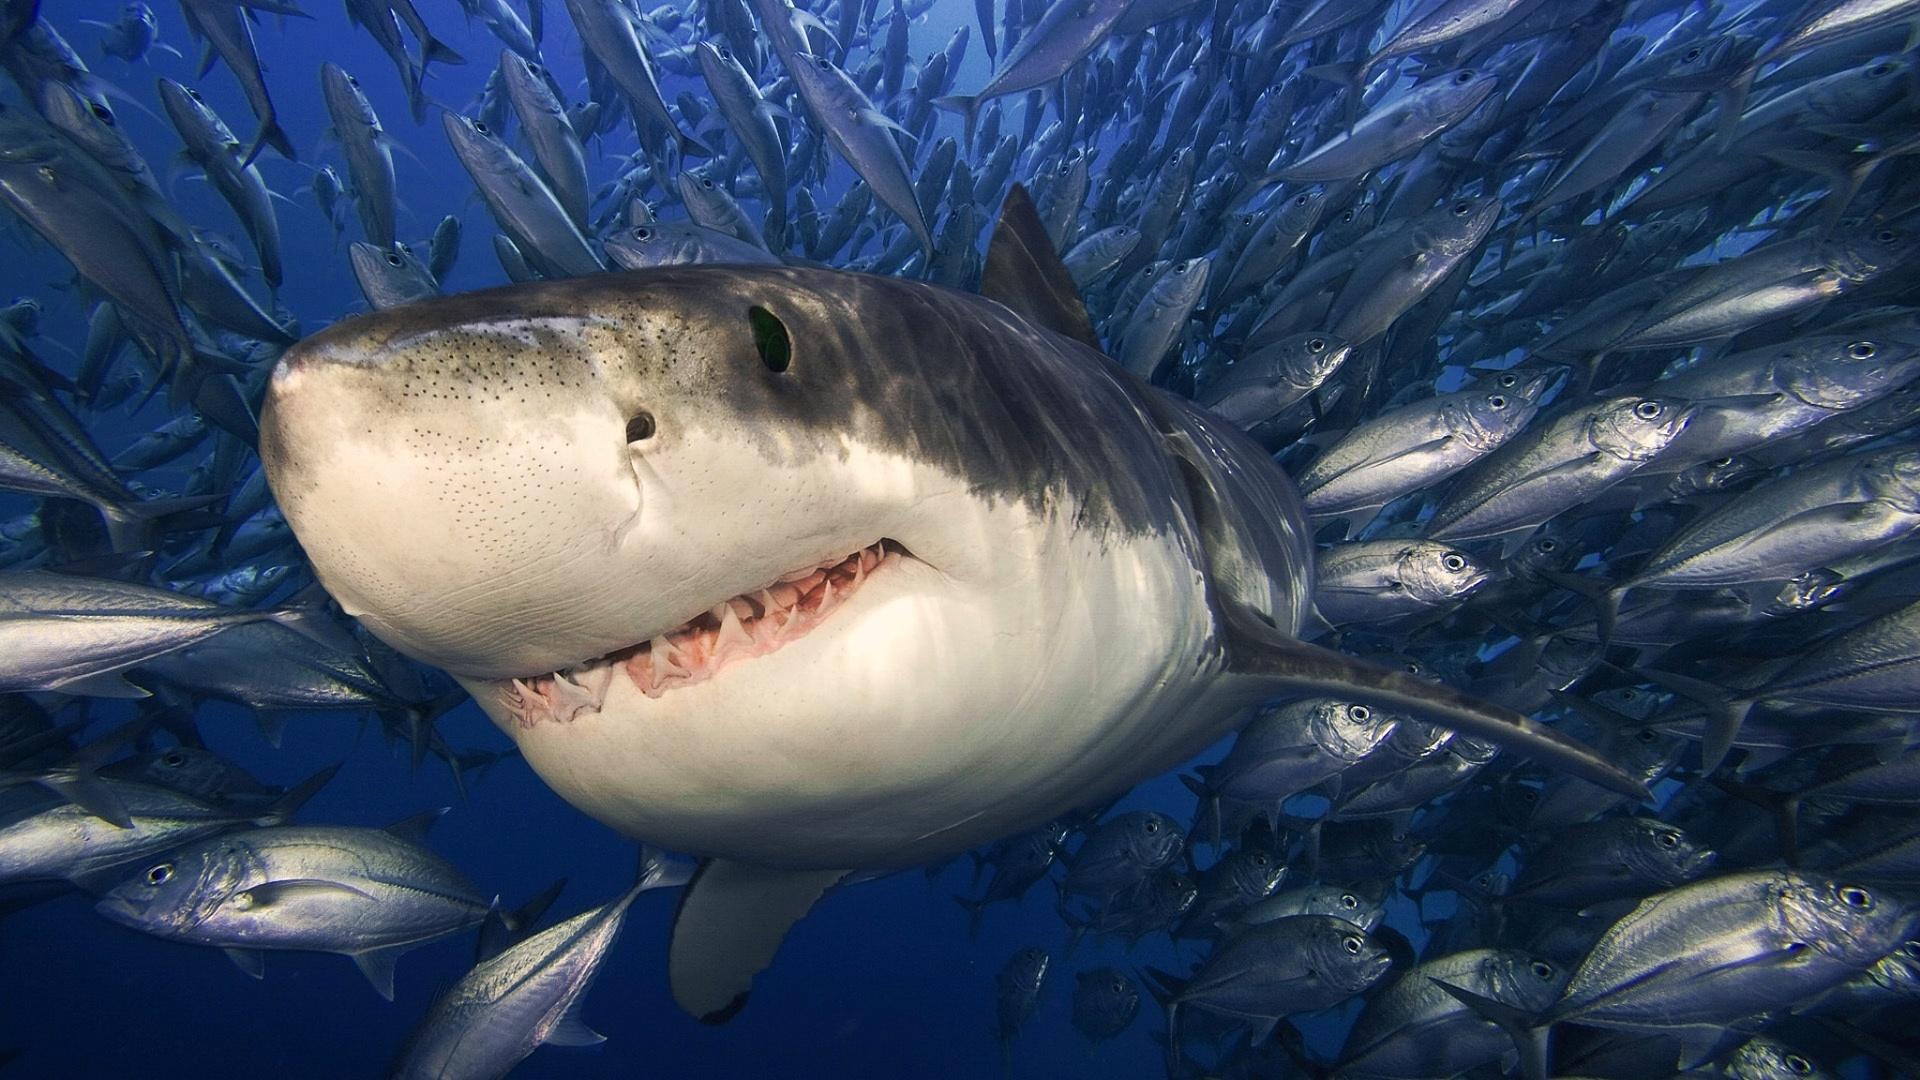 Море с акулой картинки